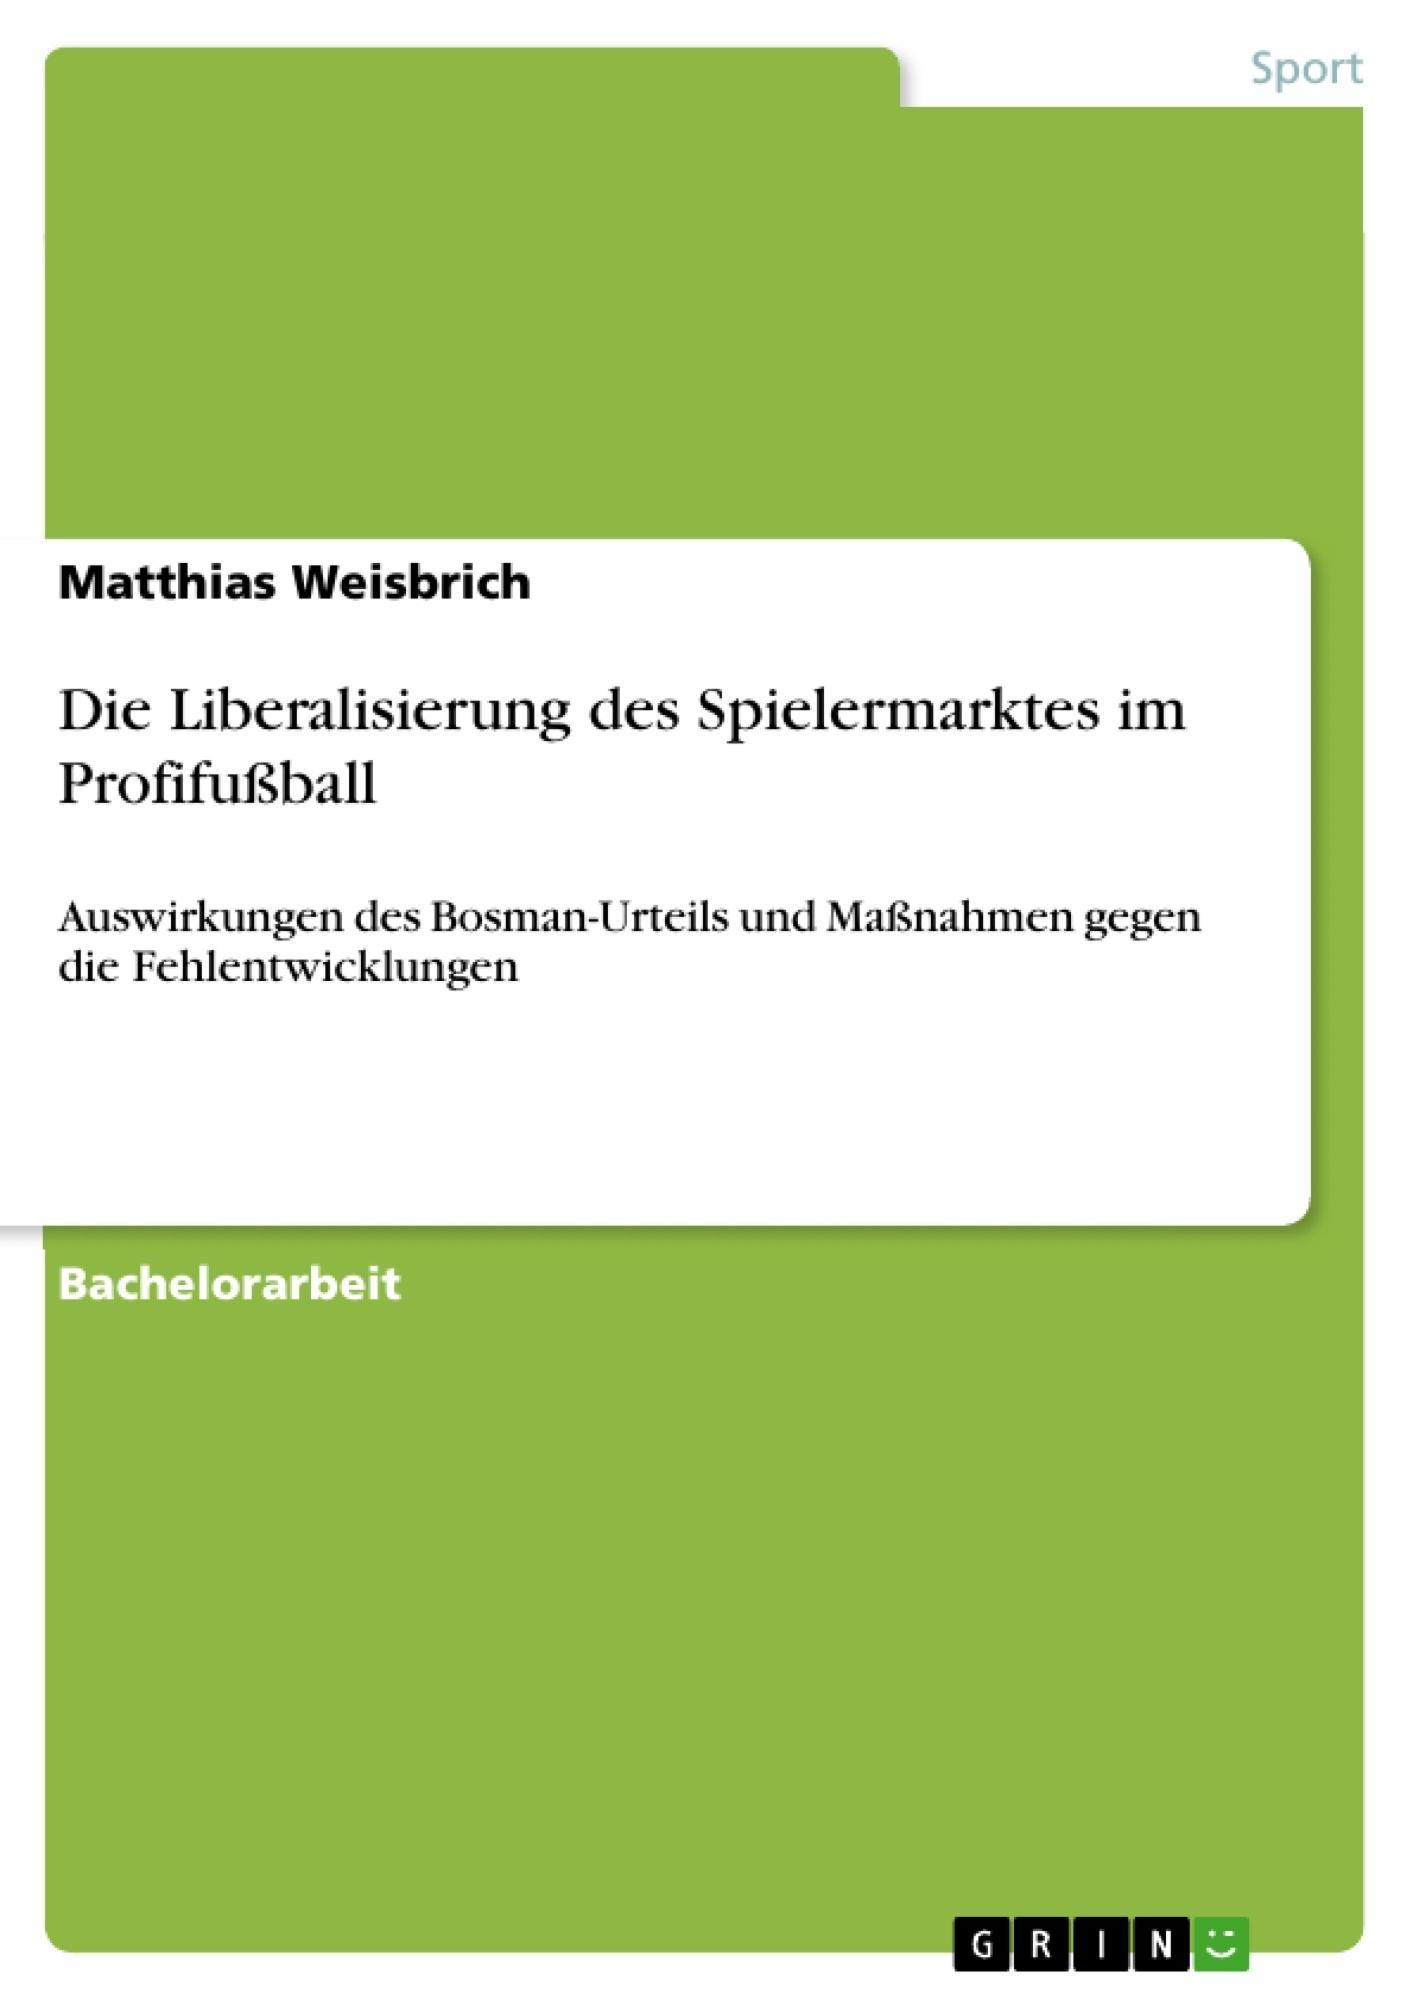 Titel: Die Liberalisierung des Spielermarktes im Profifußball